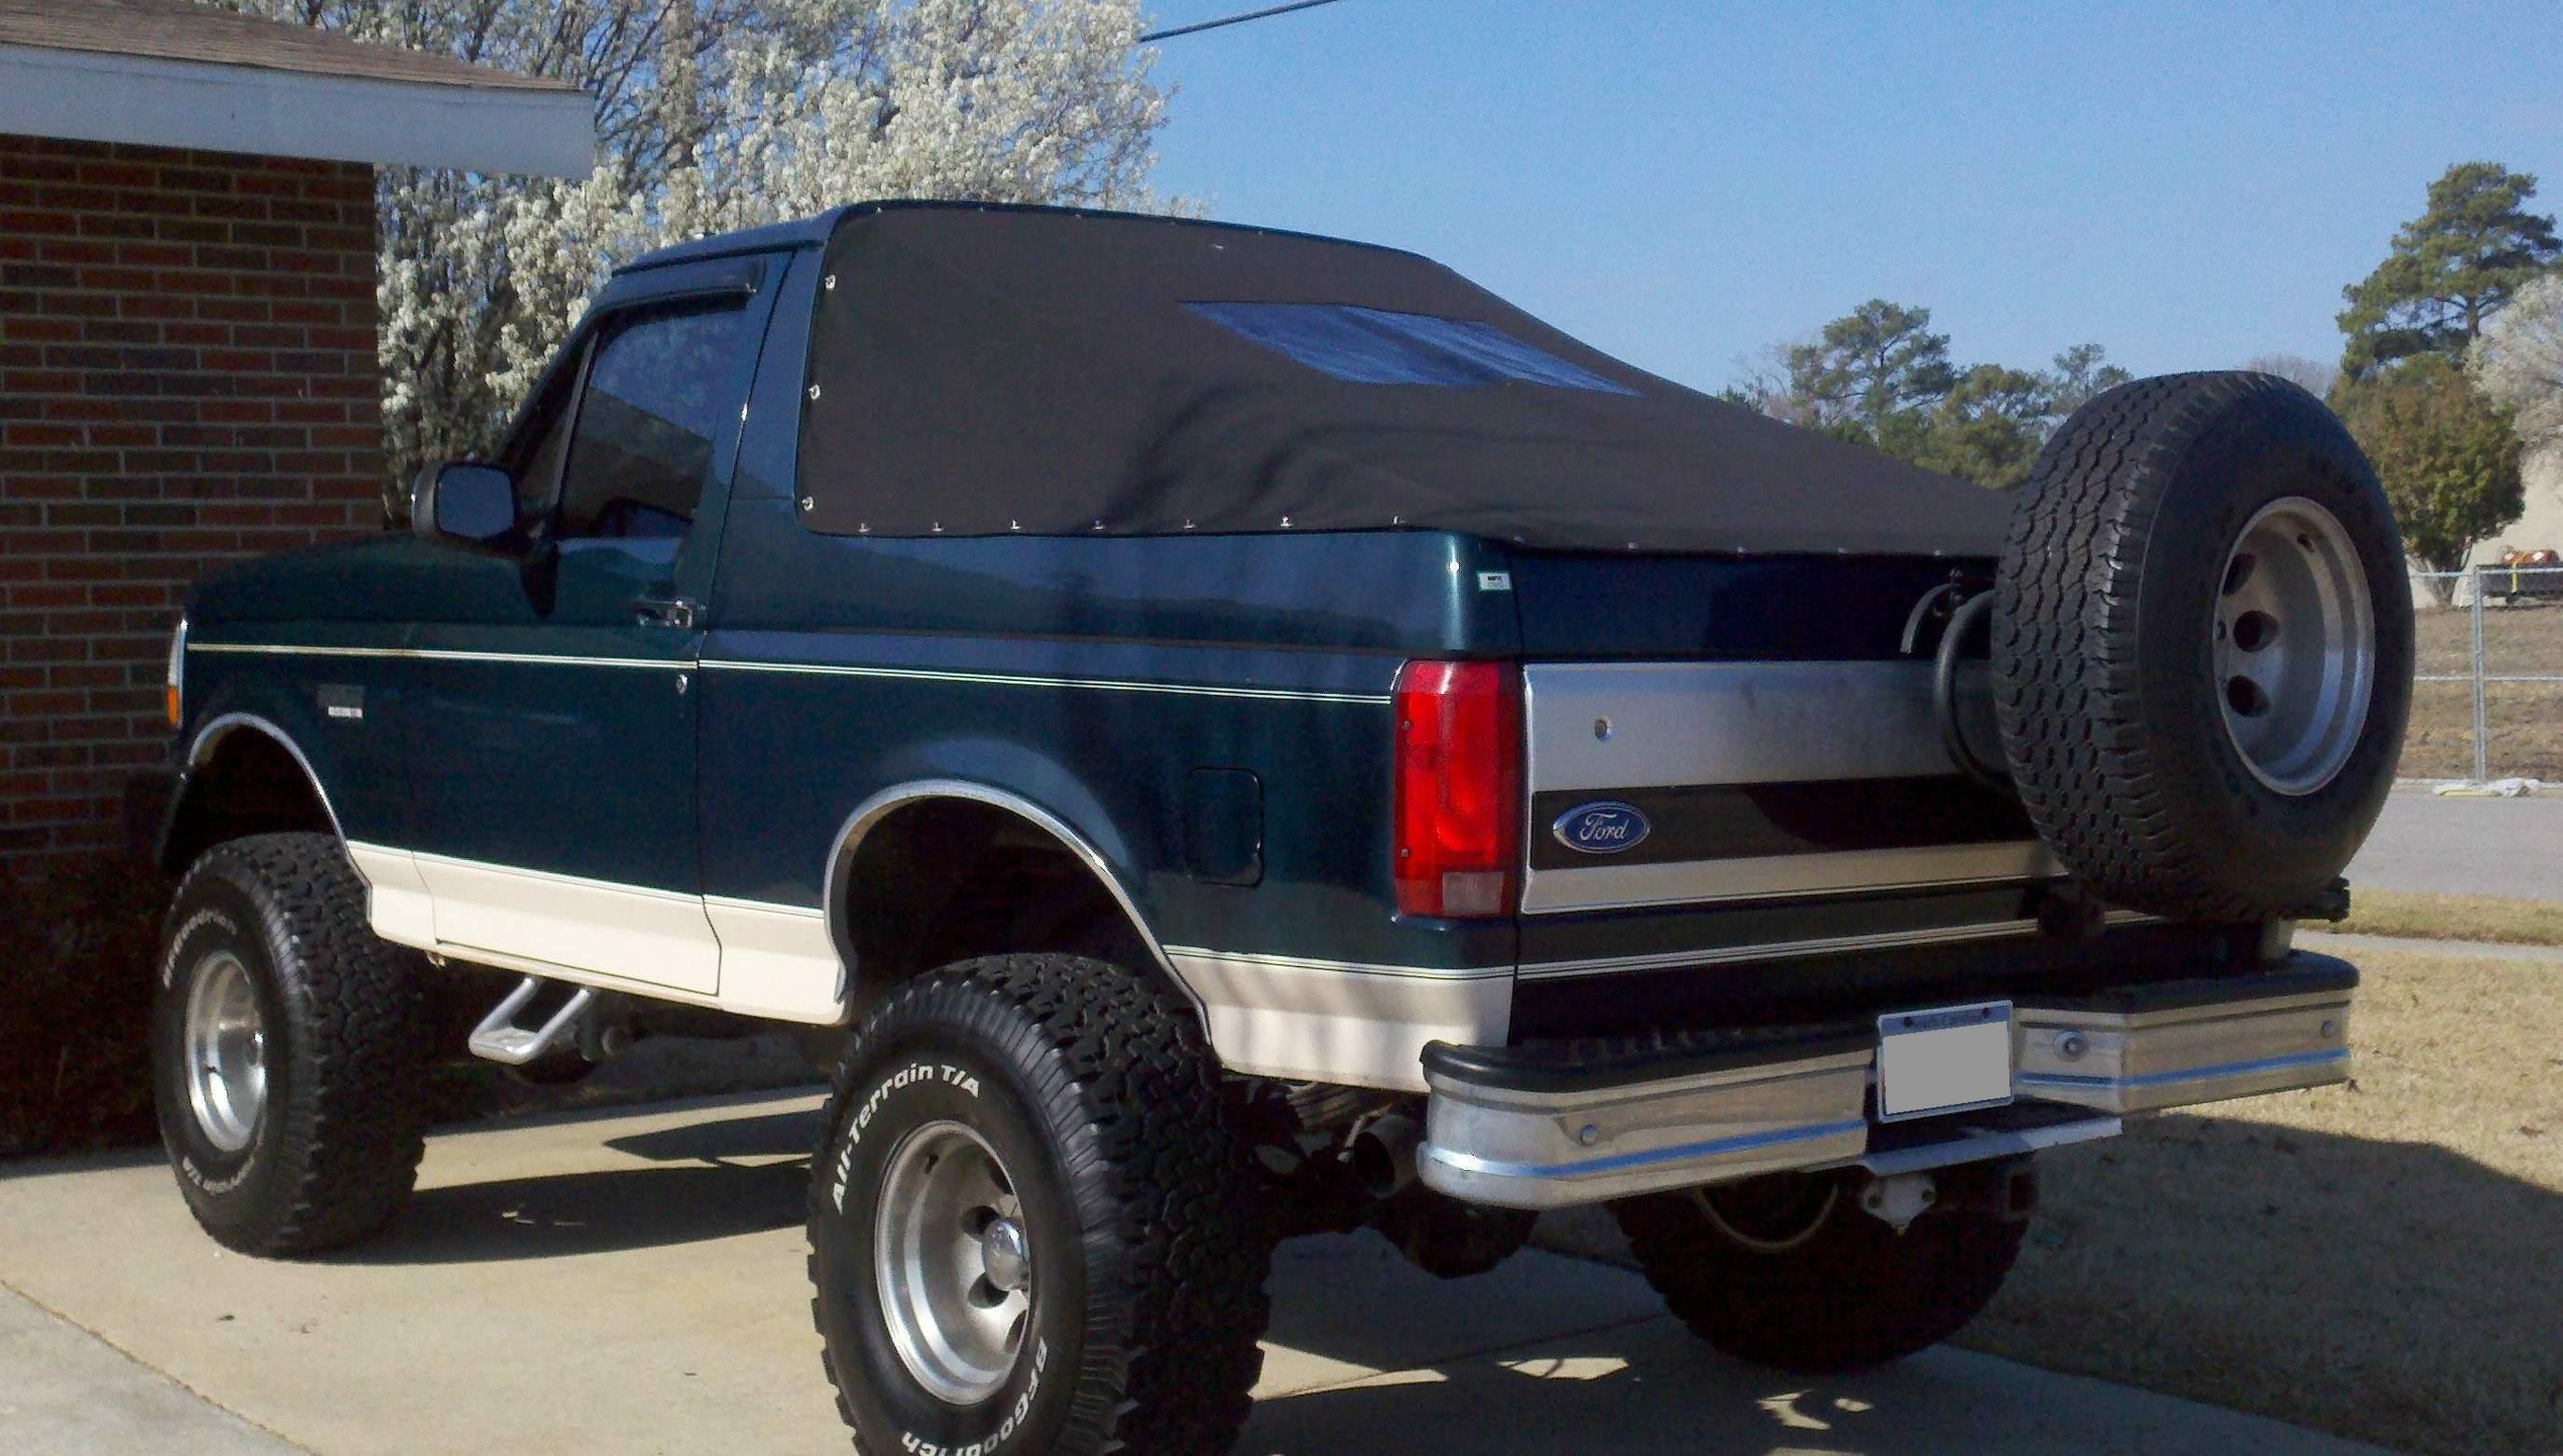 Ford bronco bikini top